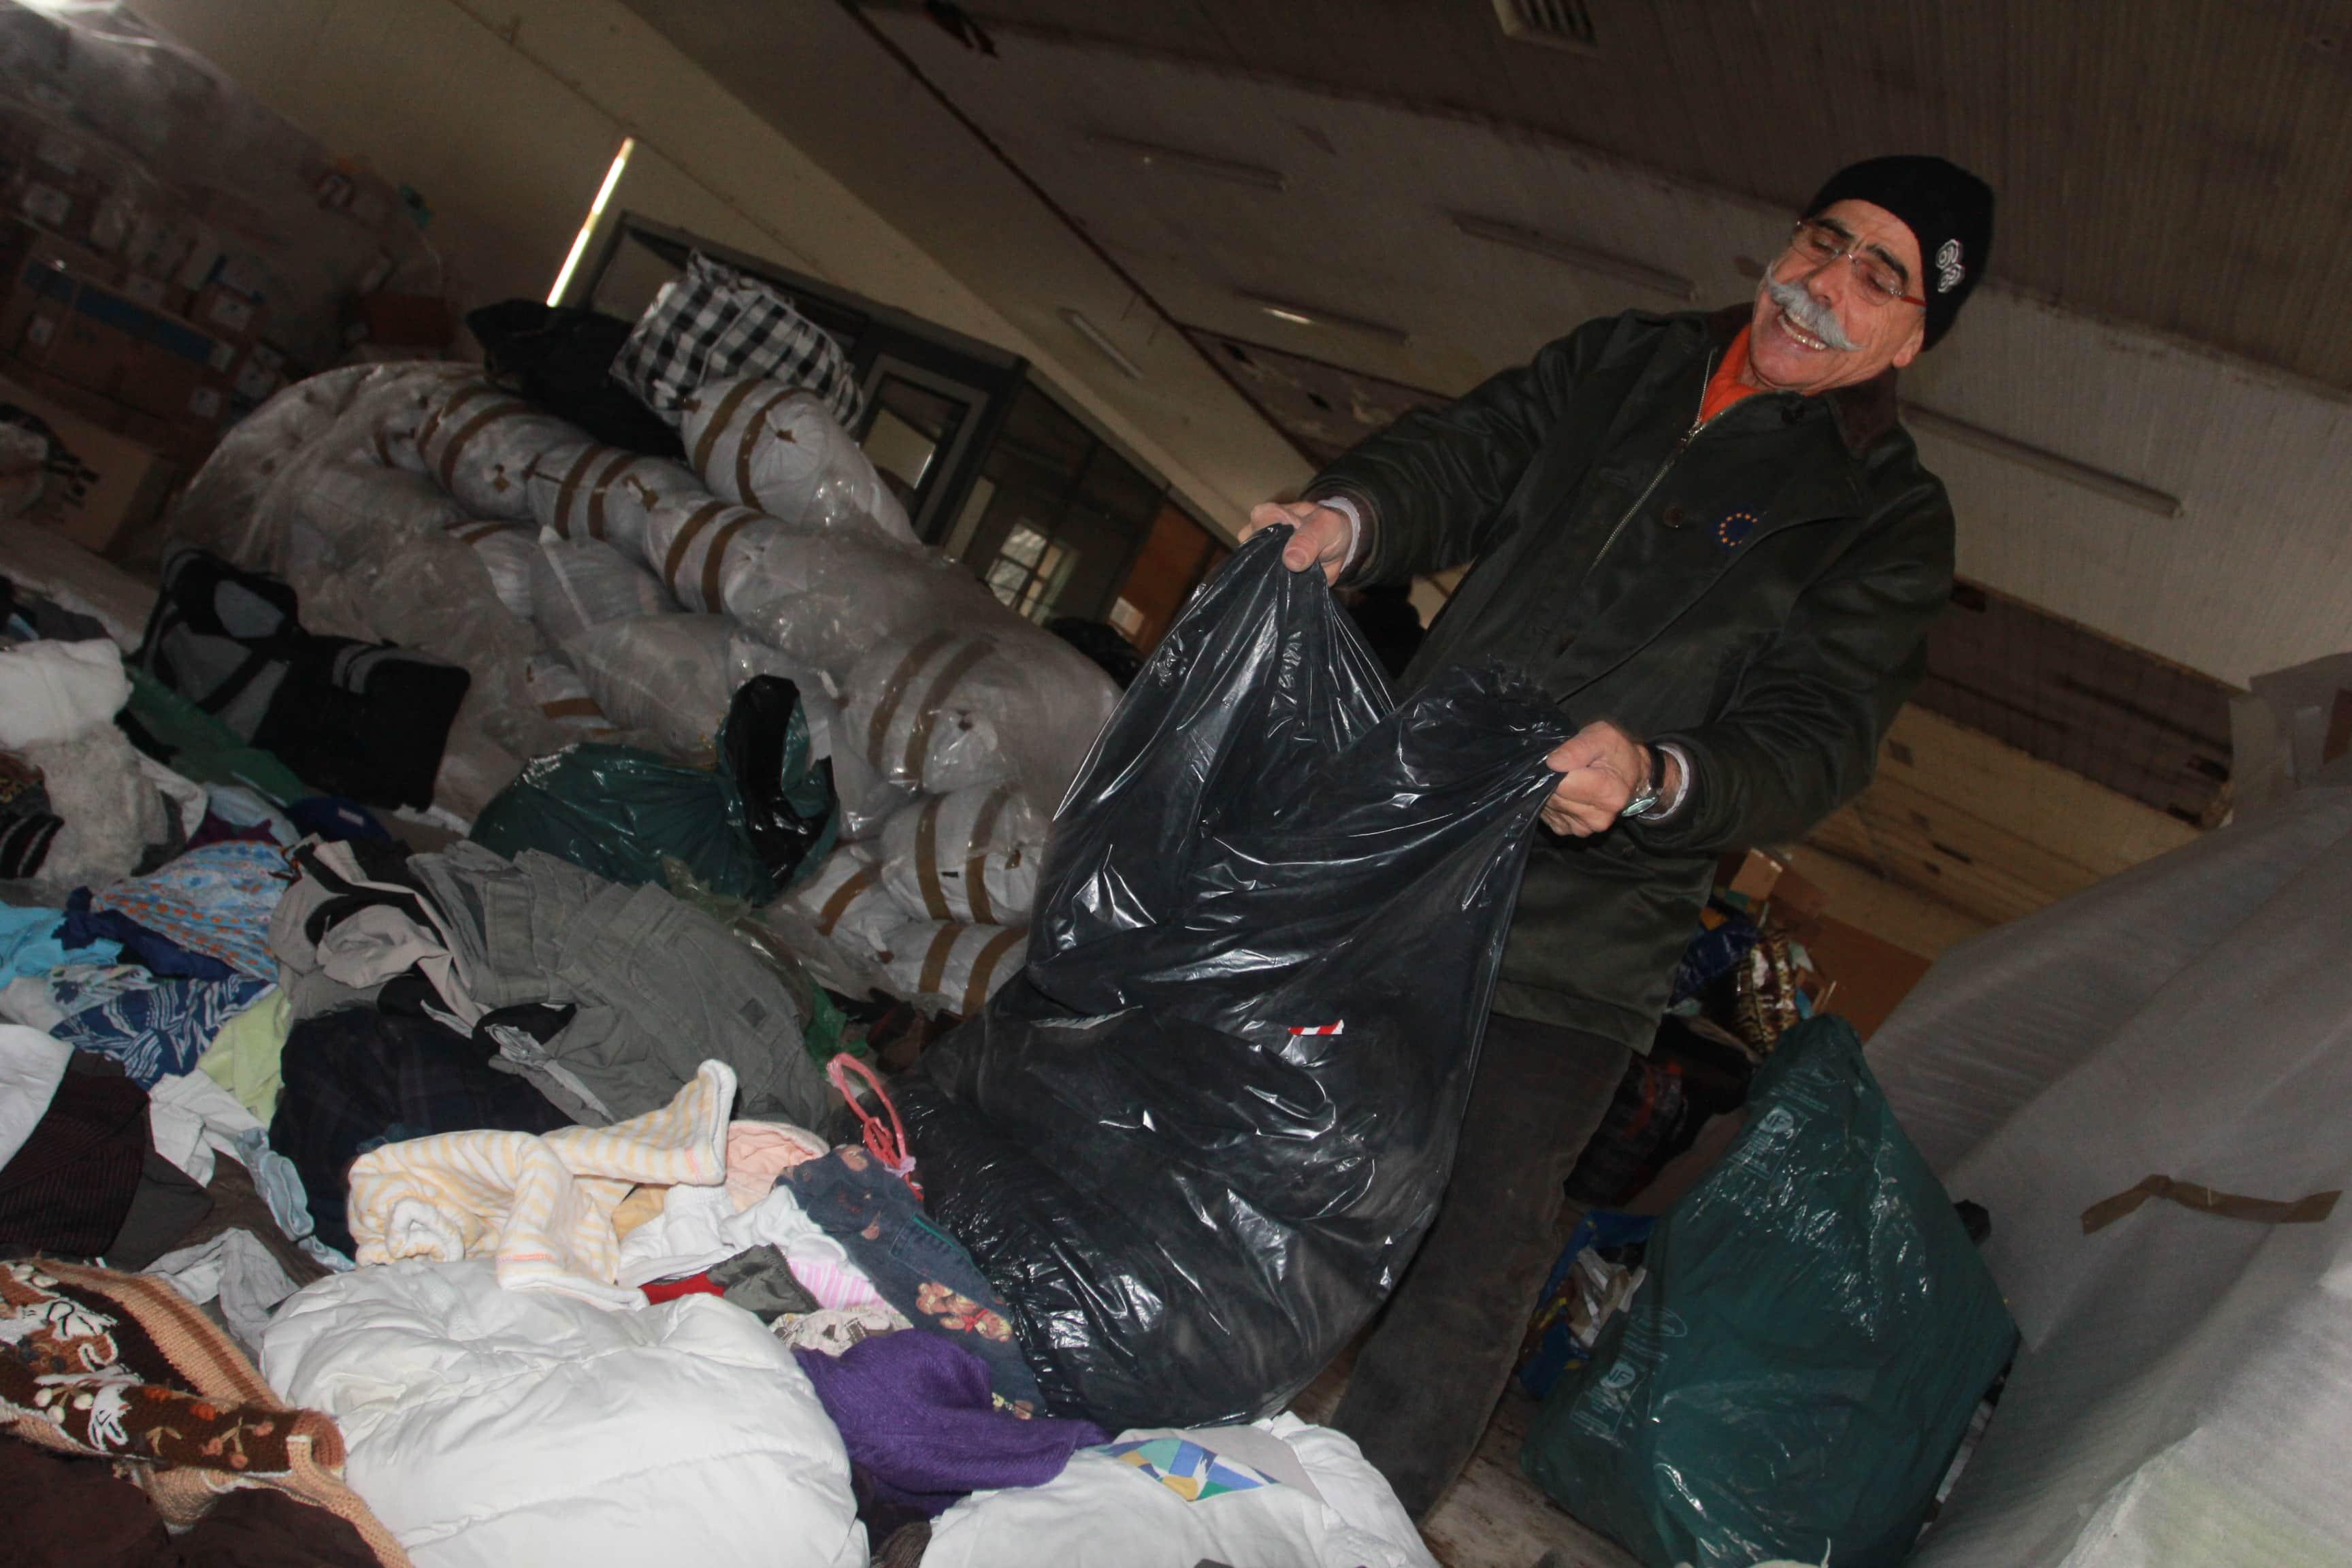 Alsace-Syrie doit expédier 15 tonnes de vêtements, mission impossible